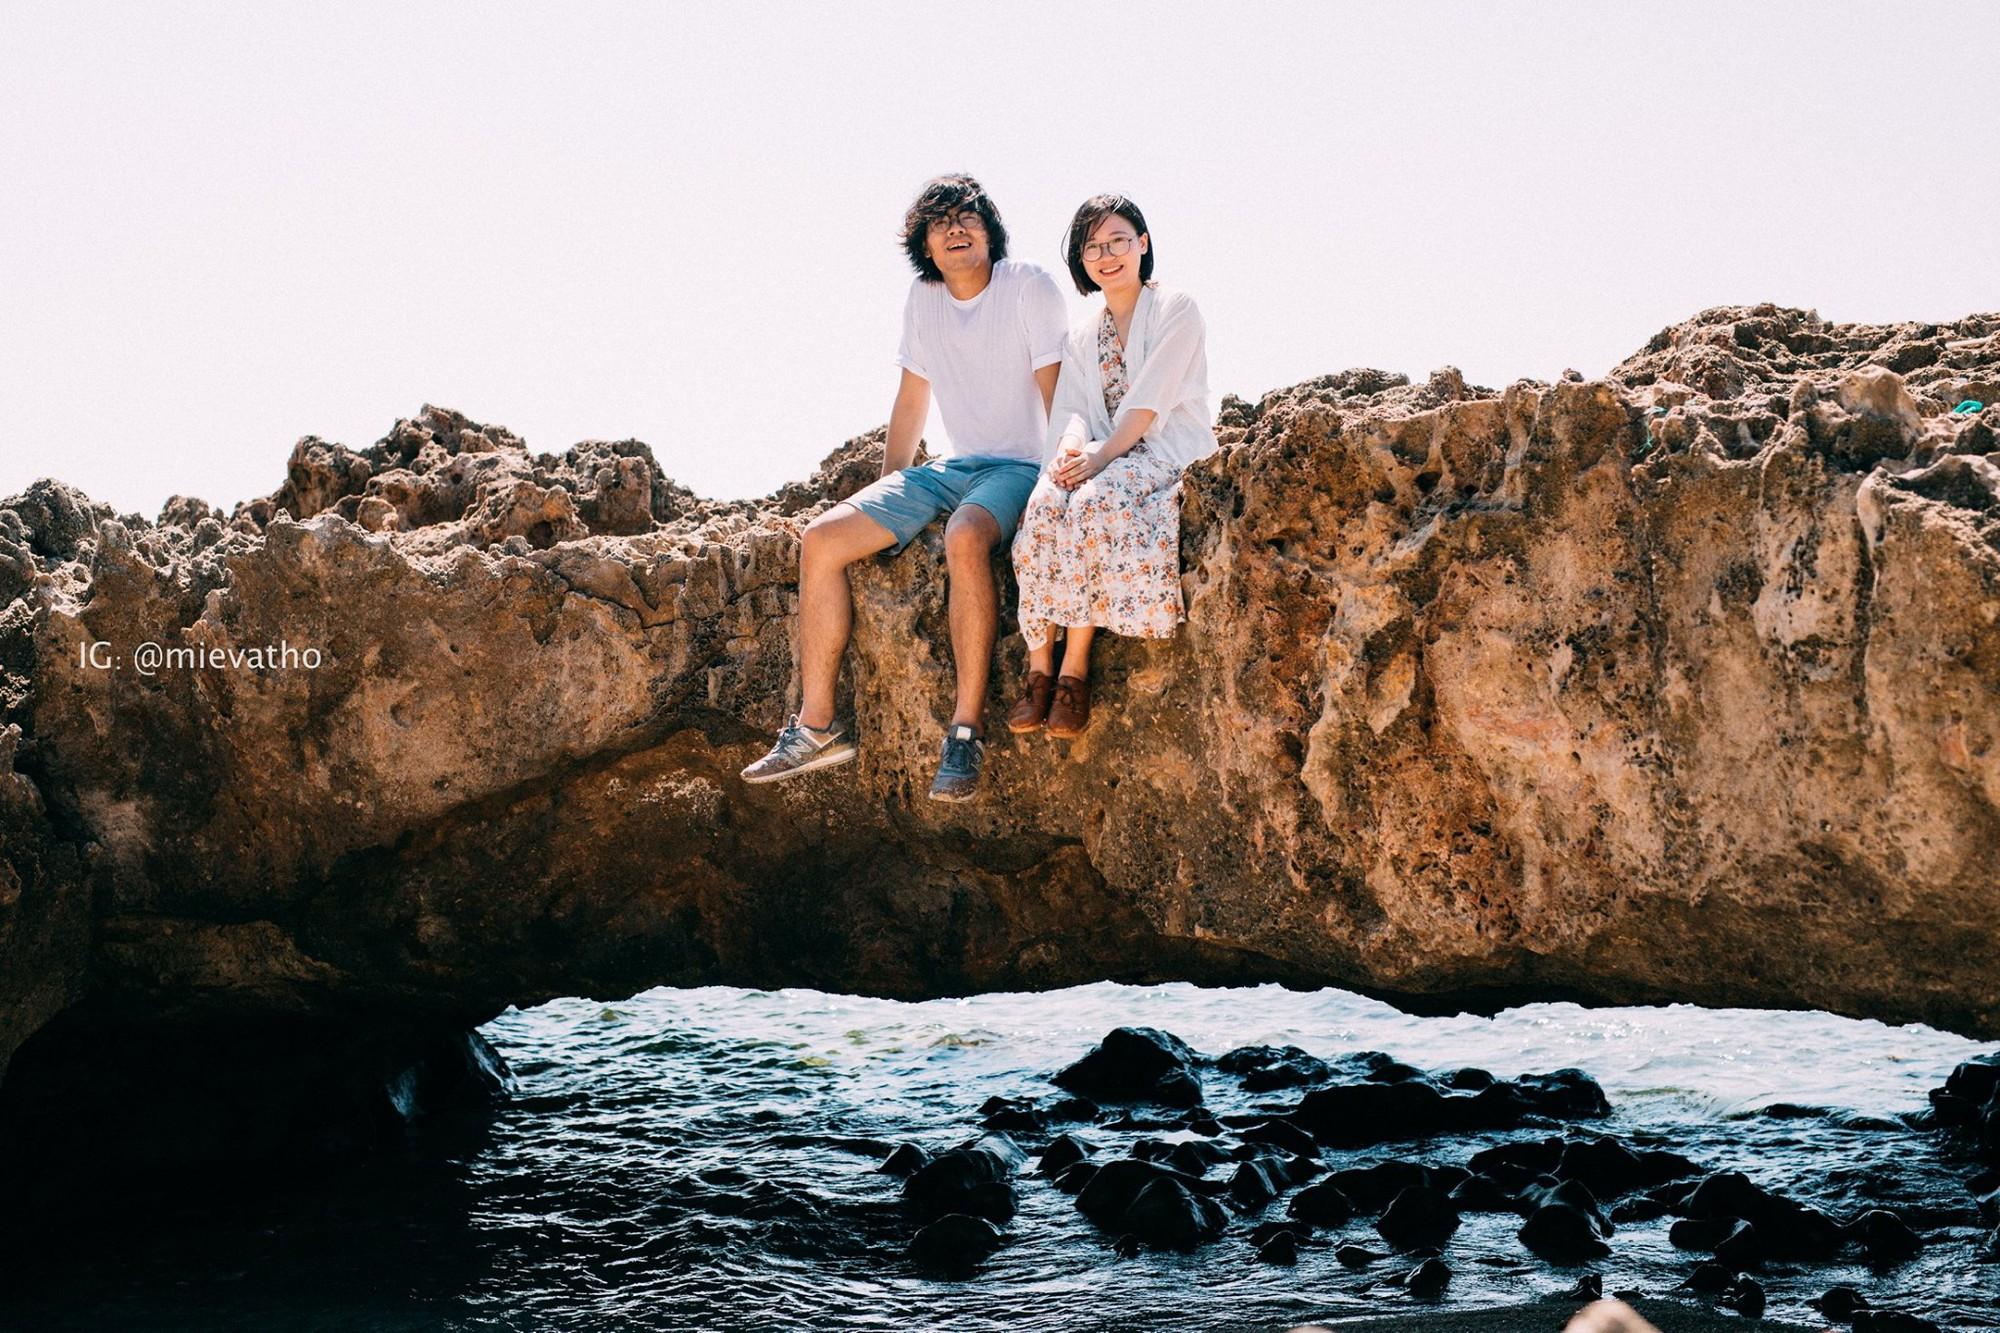 Bộ ảnh du lịch Ninh Thuận của cặp đôi đến từ Hà Nội khiến dân tình thích thú: Mới nhìn thôi đã thấy chill phết! - Ảnh 5.